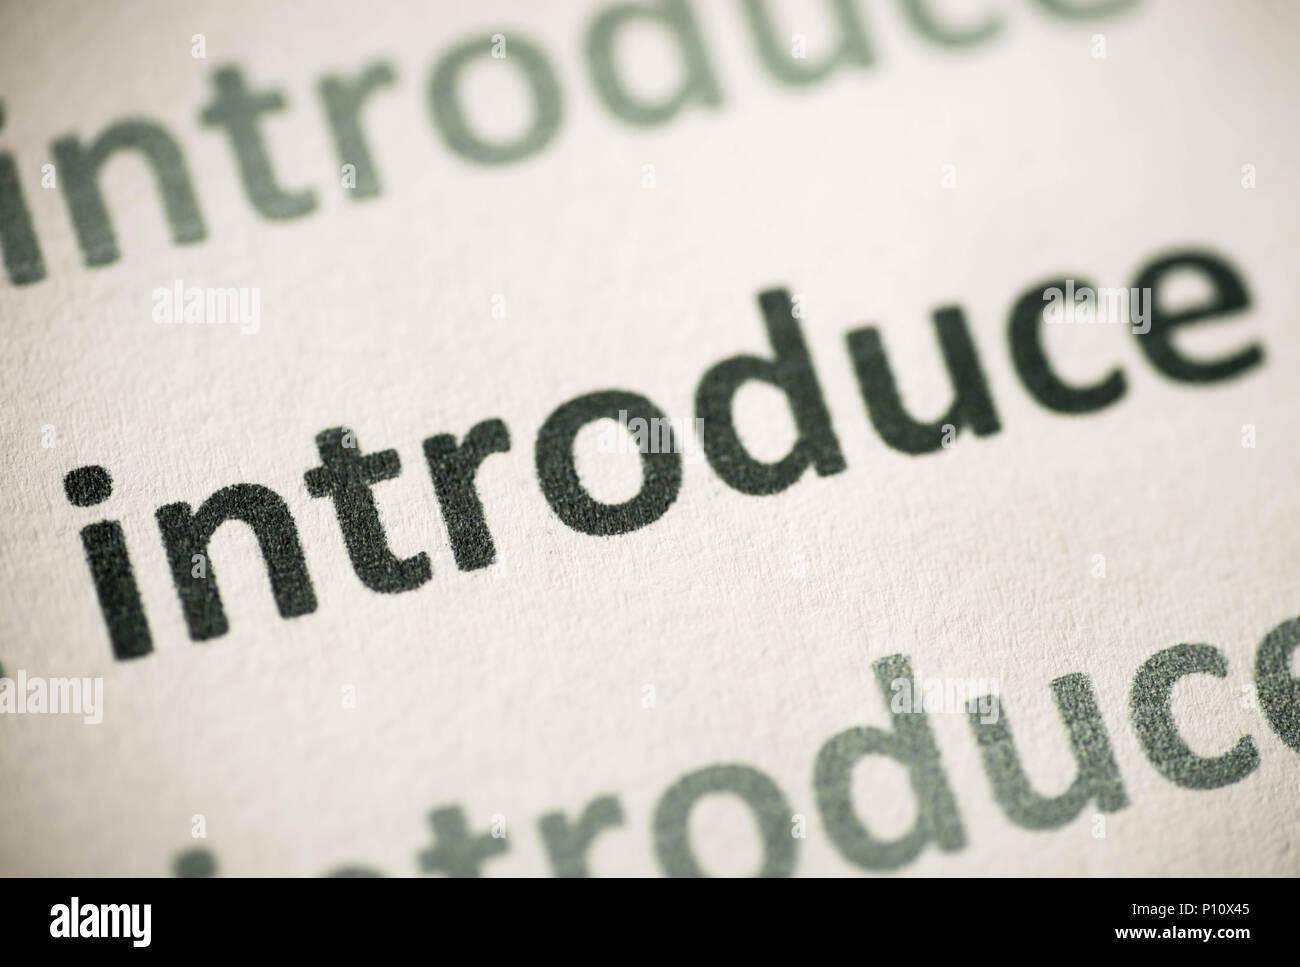 Word Makro auf weißem Papier gedruckten einführen Stockbild